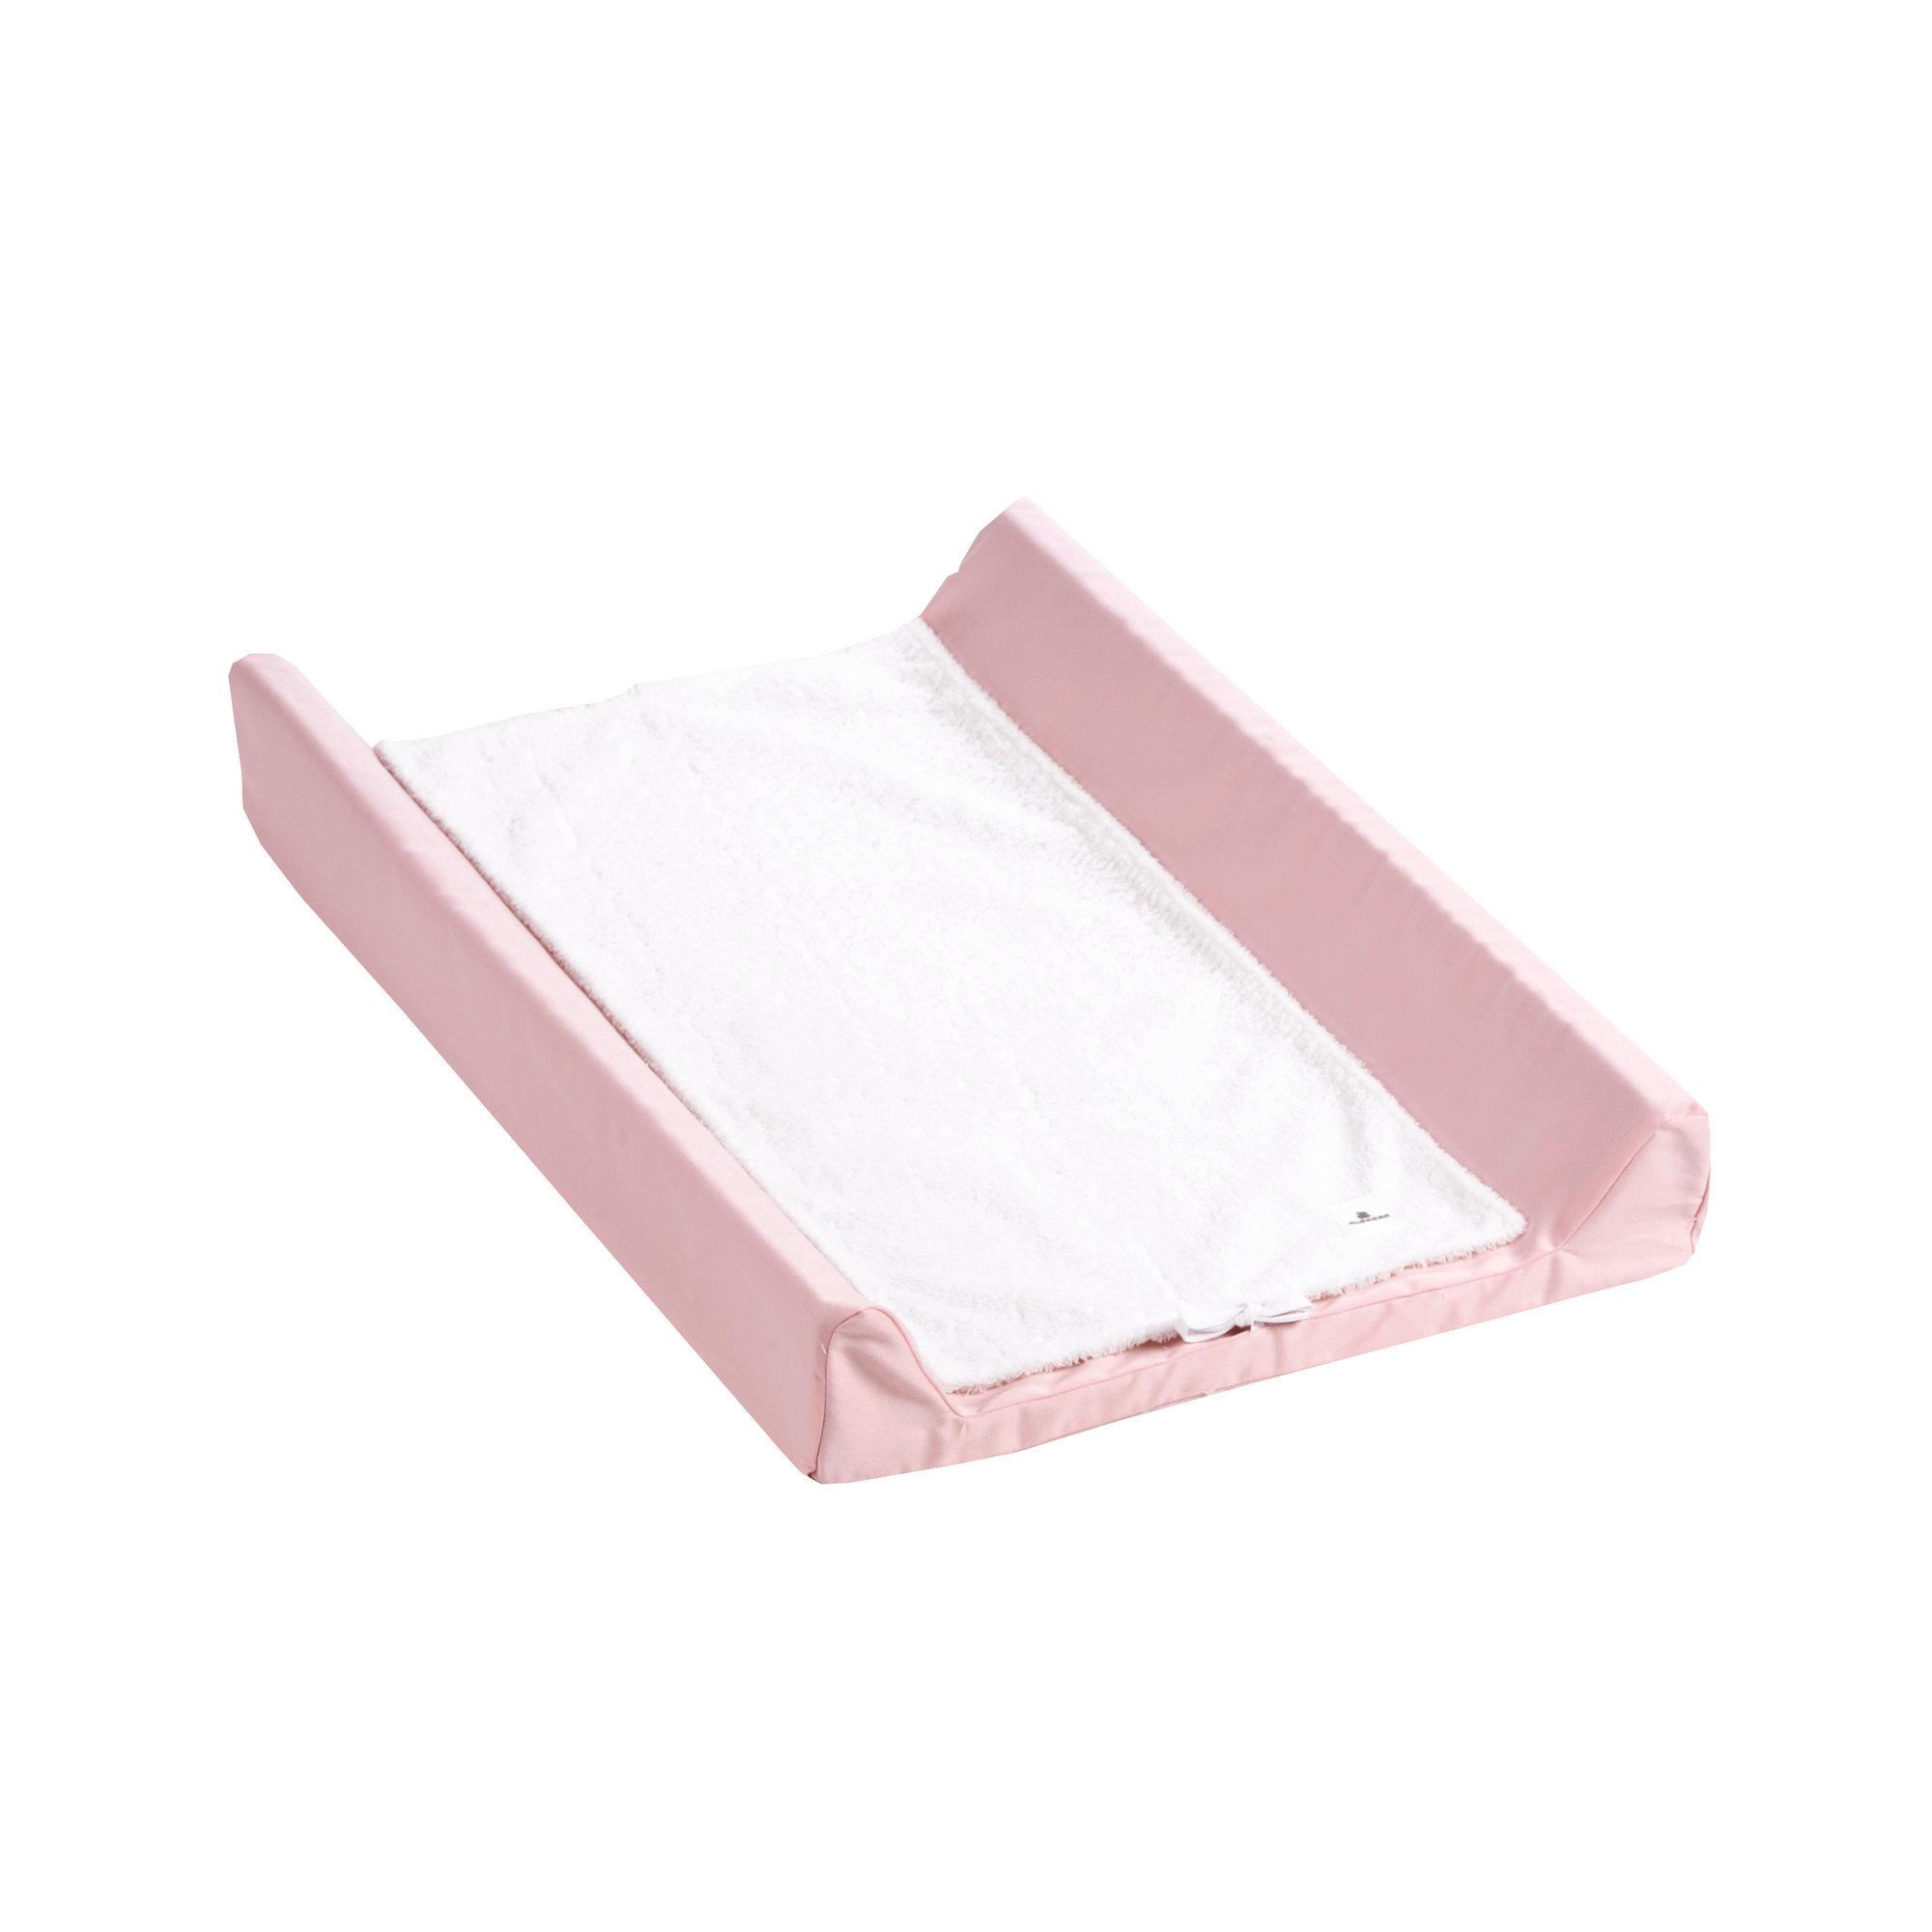 Cambiador cuna transformable en cama 60x120 cm desenfundable Indiana Rosa